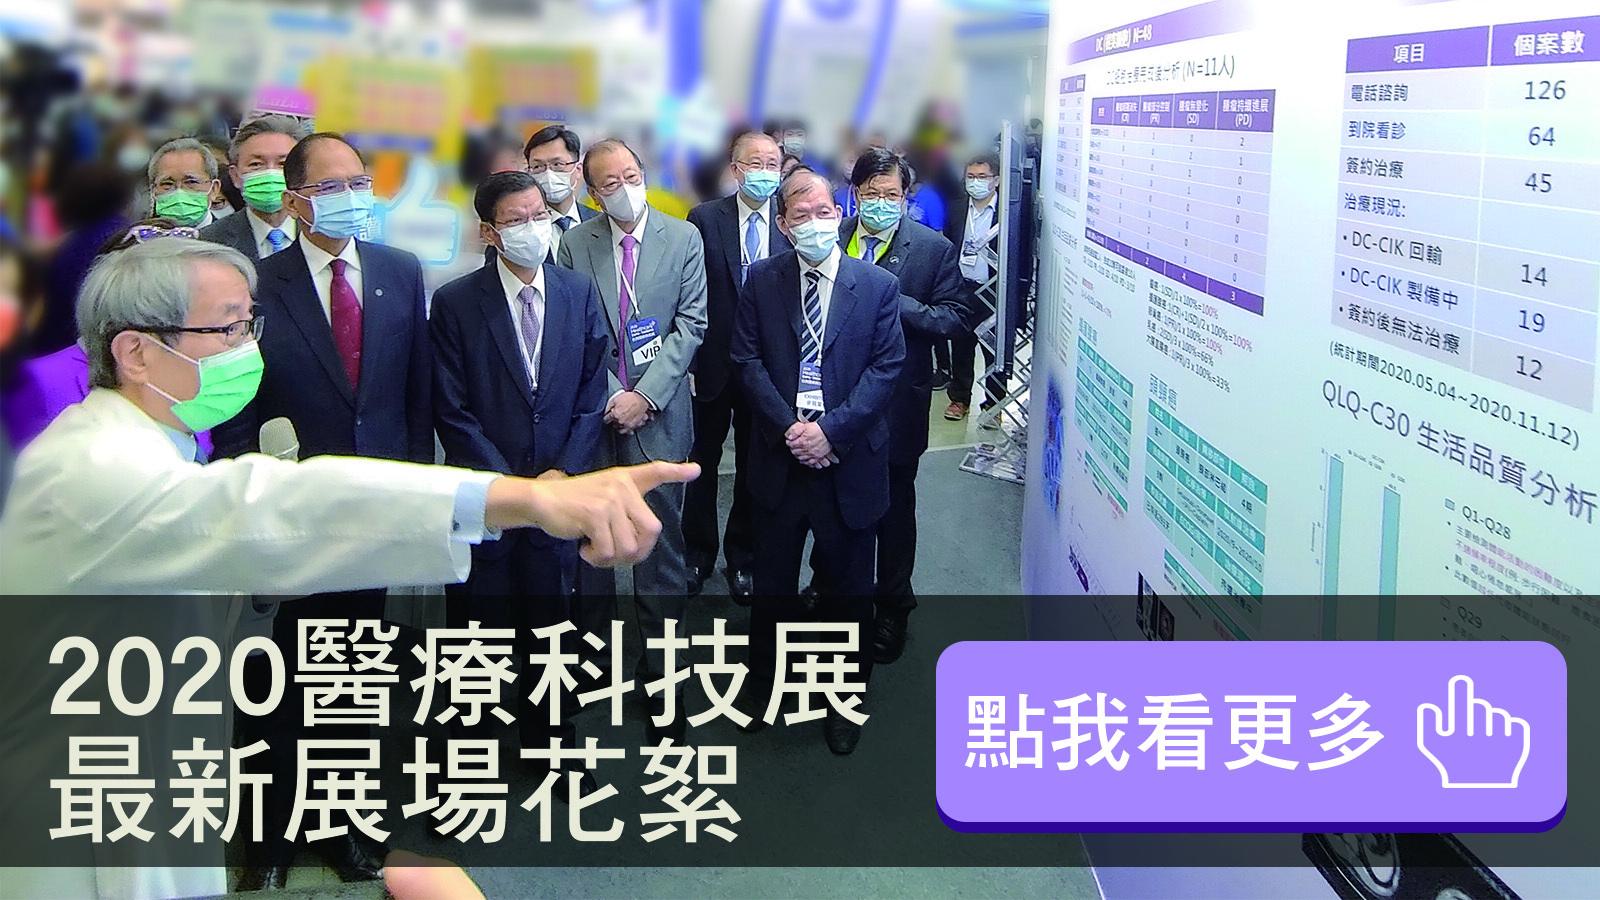 2020台灣醫療科技展 中國醫藥大學附設醫院展會精彩照片